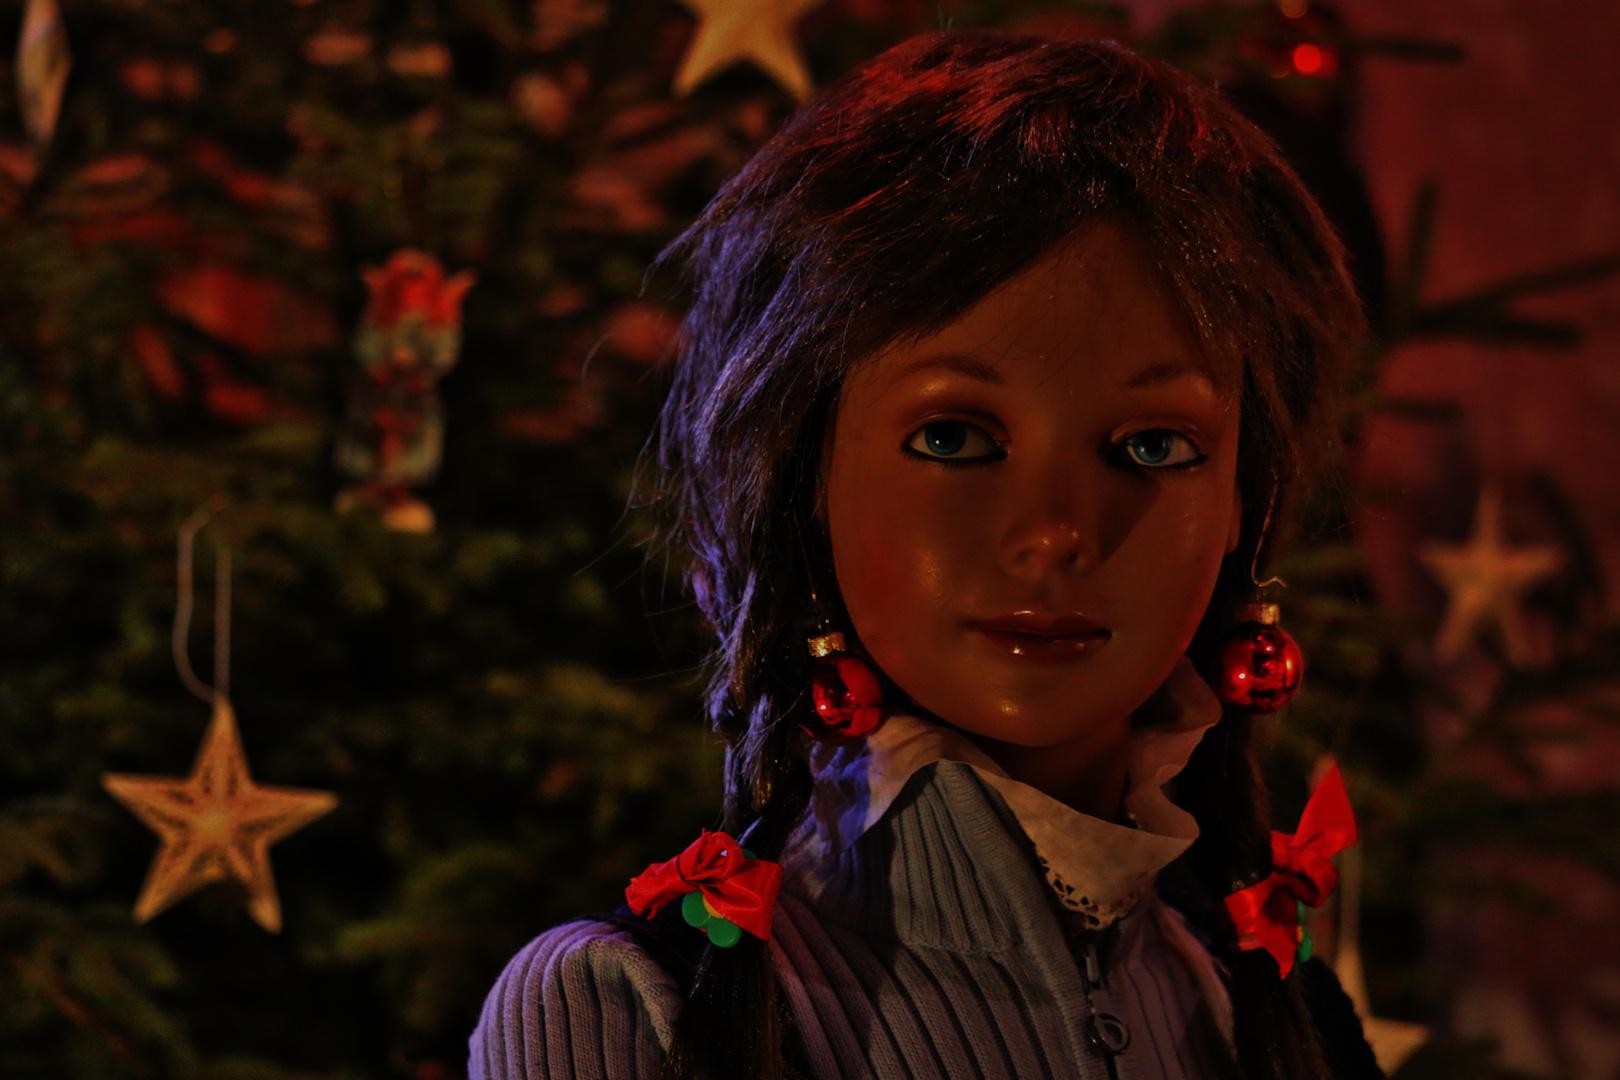 Heute ist Nikolaustag, deshalb...